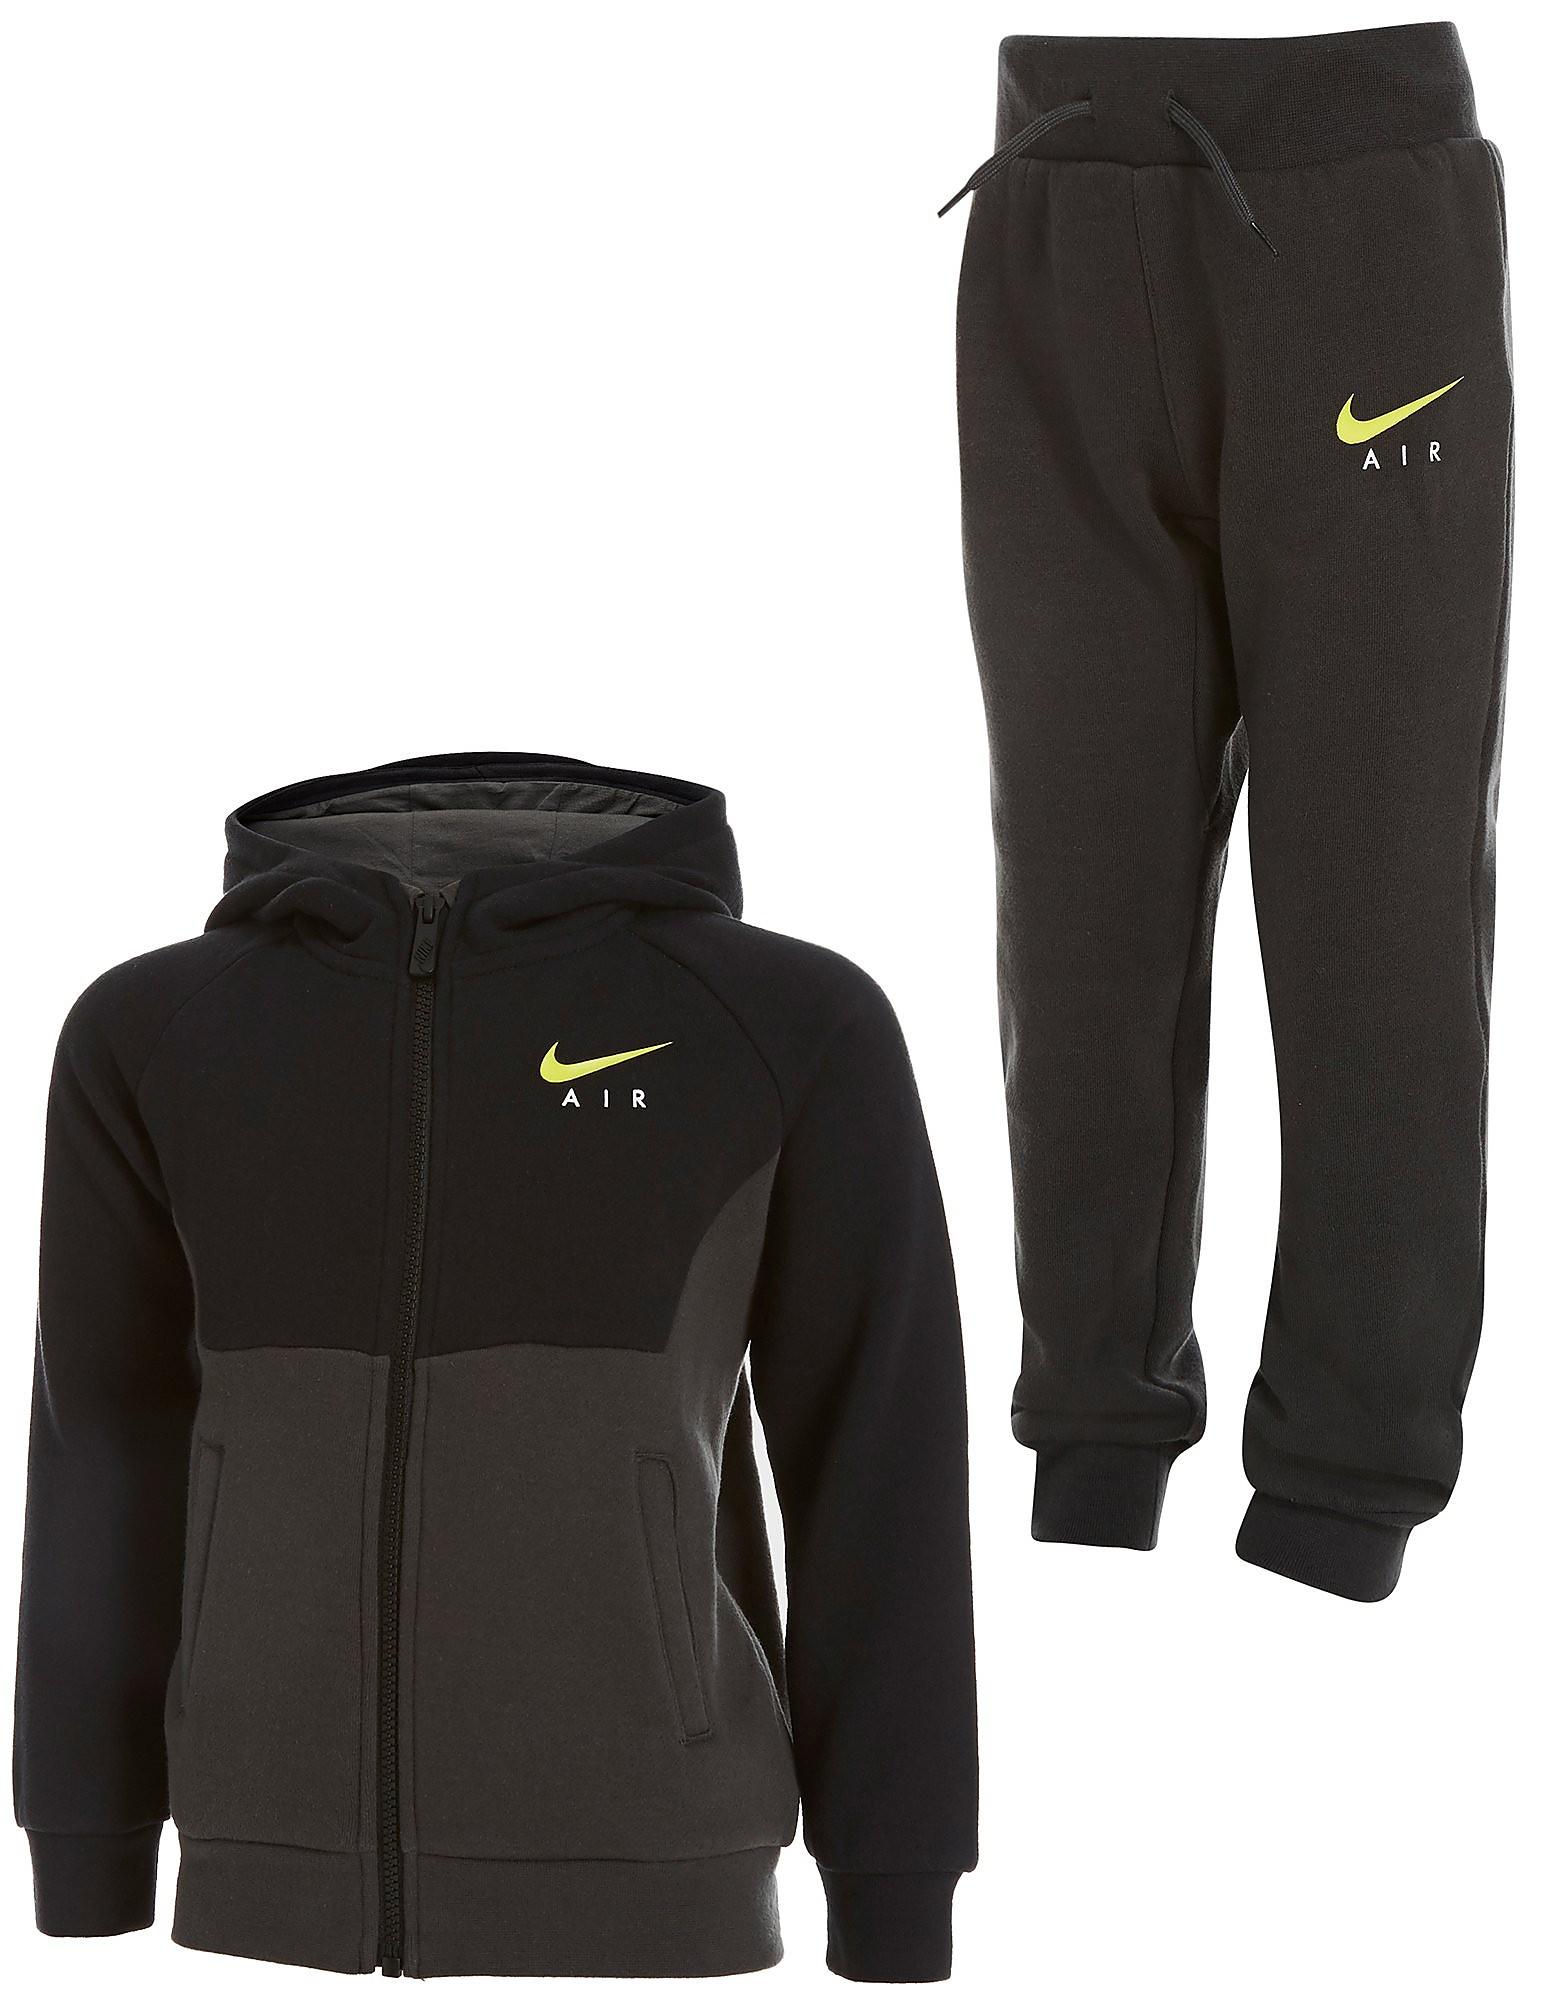 Nike Survêtement Air Enfant